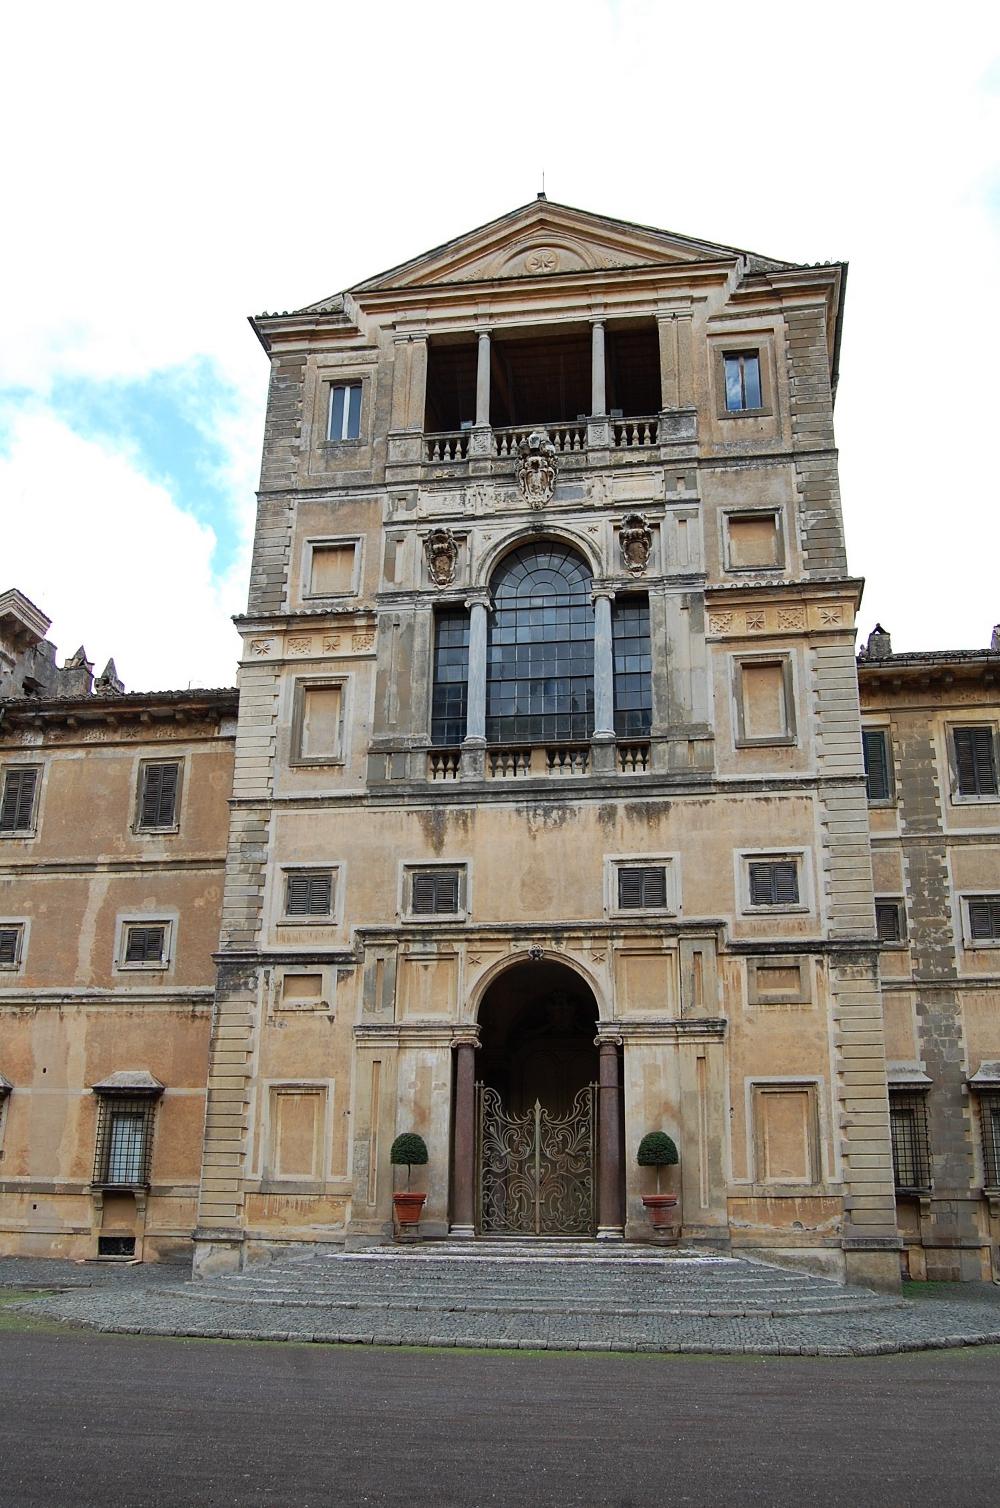 rocaille-blog-villa-aldobrandini-frascati-giardino (13)